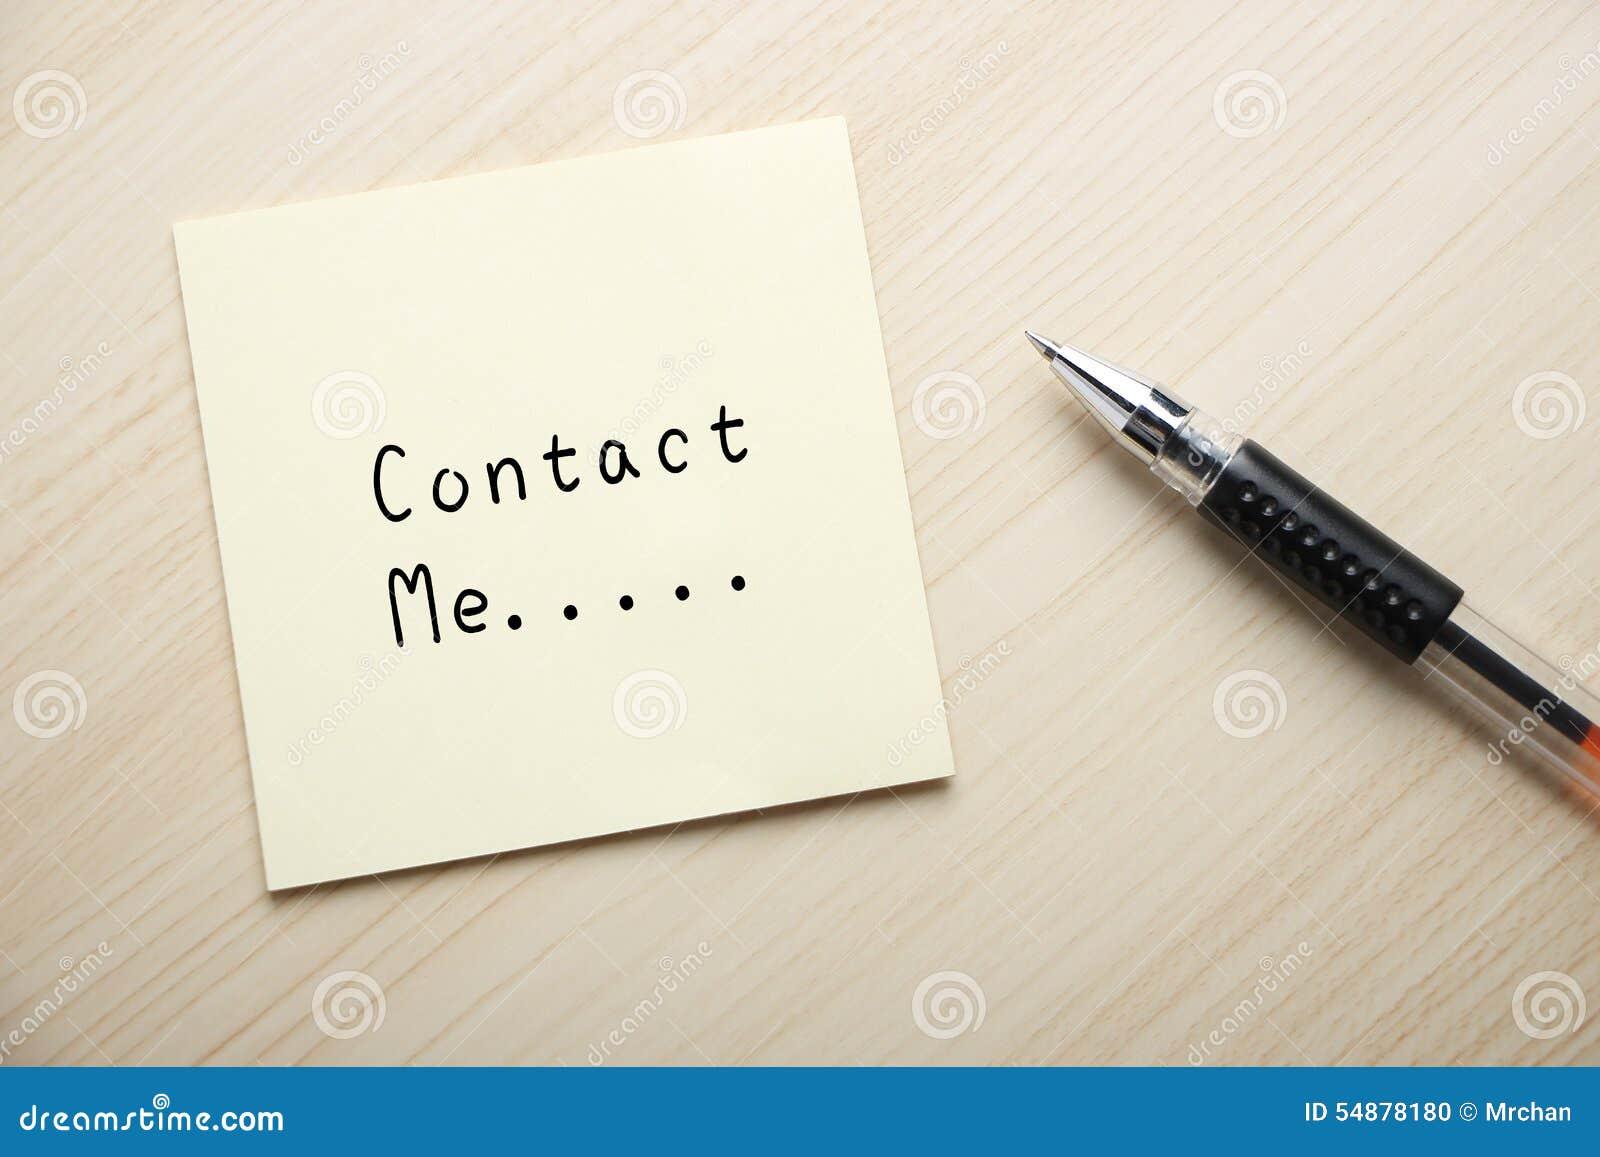 Éntreme en contacto con